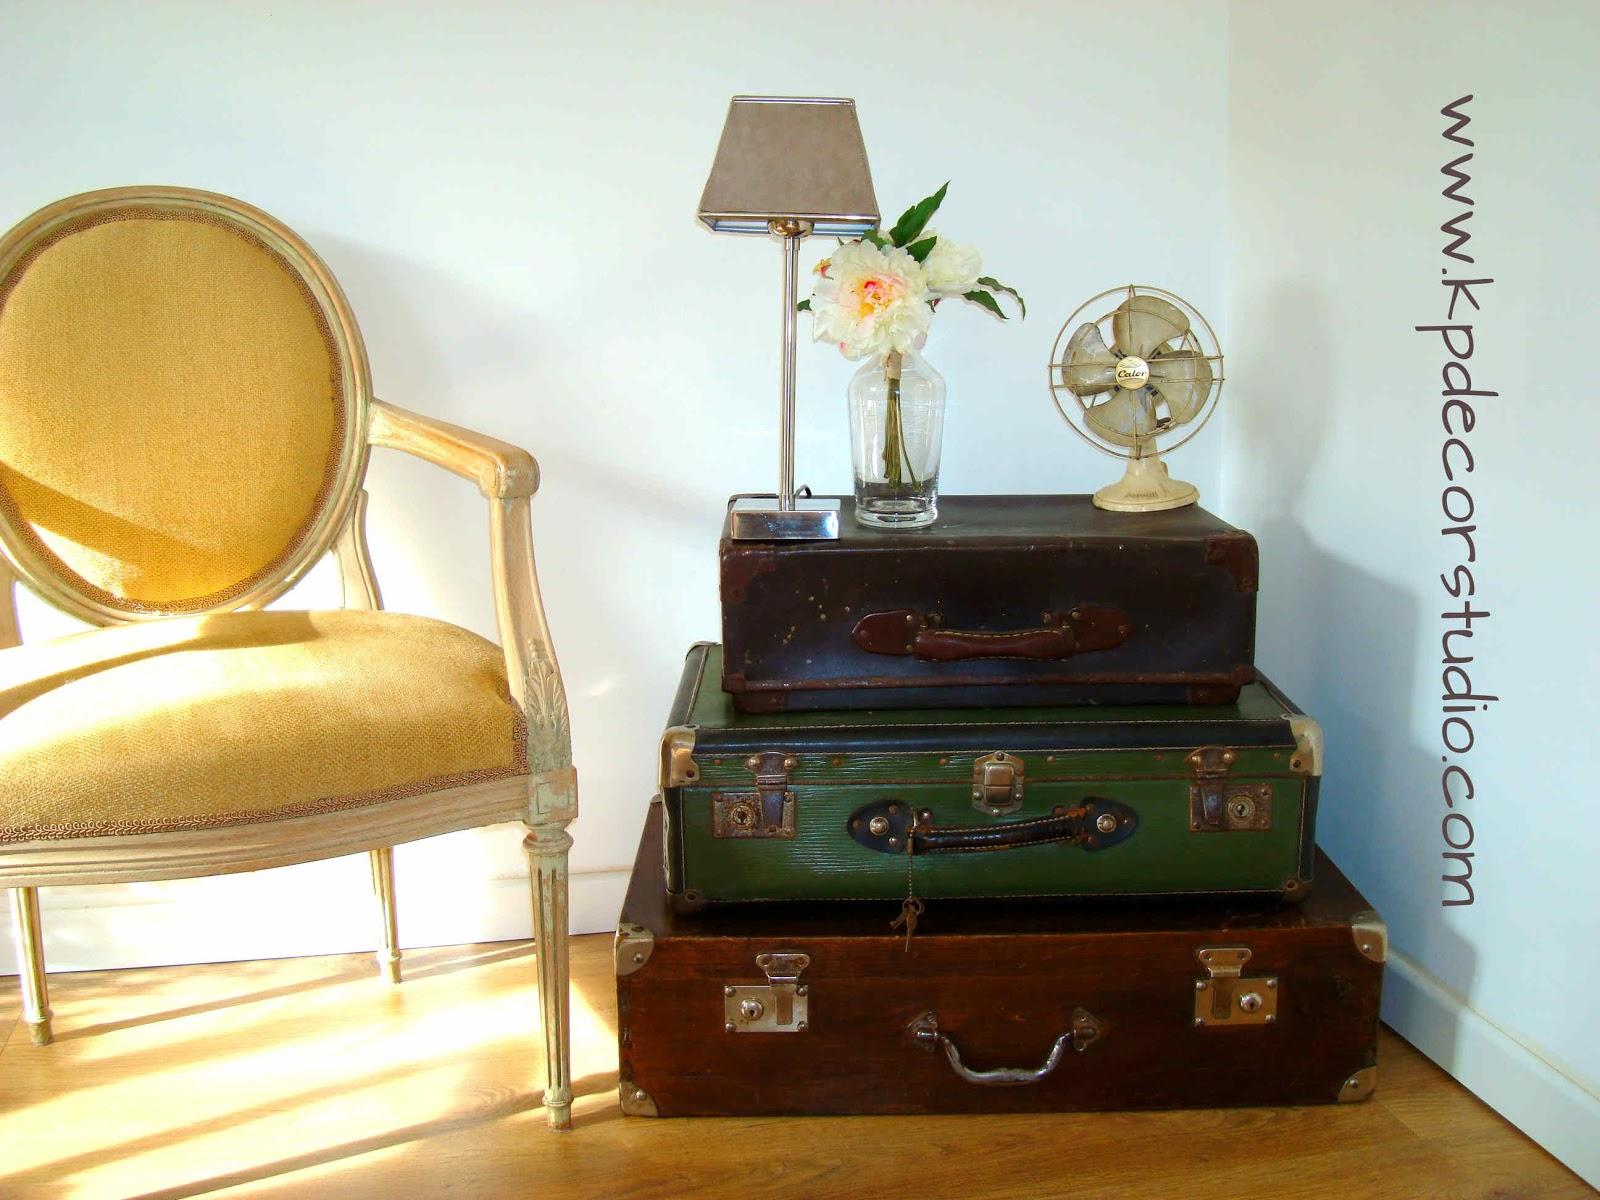 Tienda Decoracion Vintage Barata ~ Decorar con maletas antiguas  How to decorate with old suitcases and